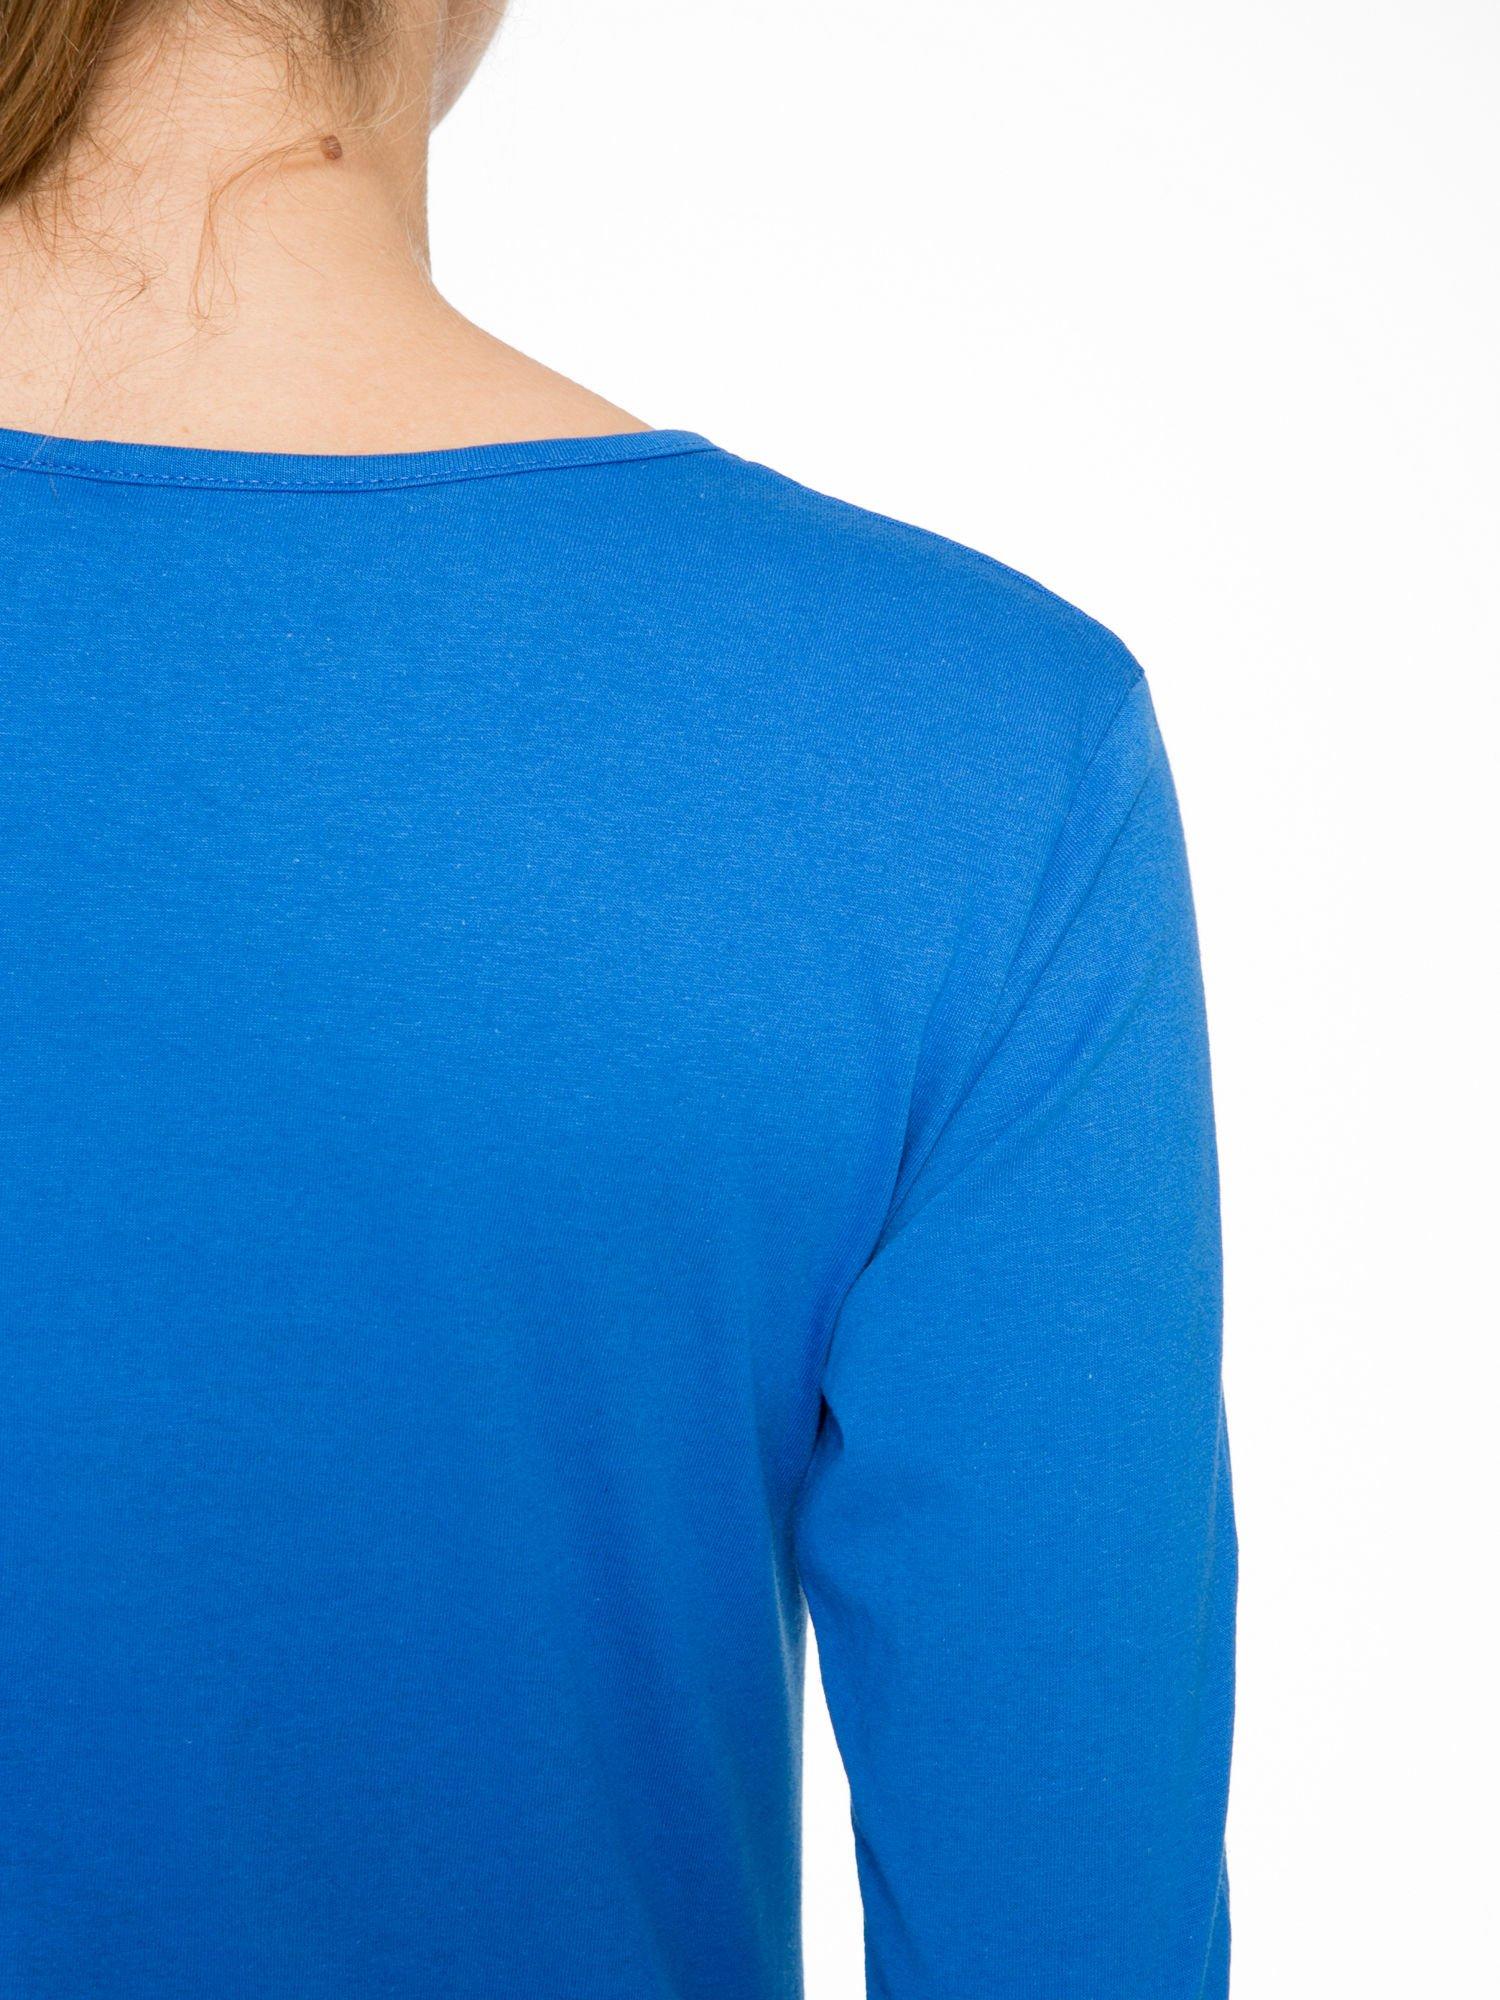 Niebieska bluzka z nadrukiem fashion i napisem MORE COLOUR                                  zdj.                                  9